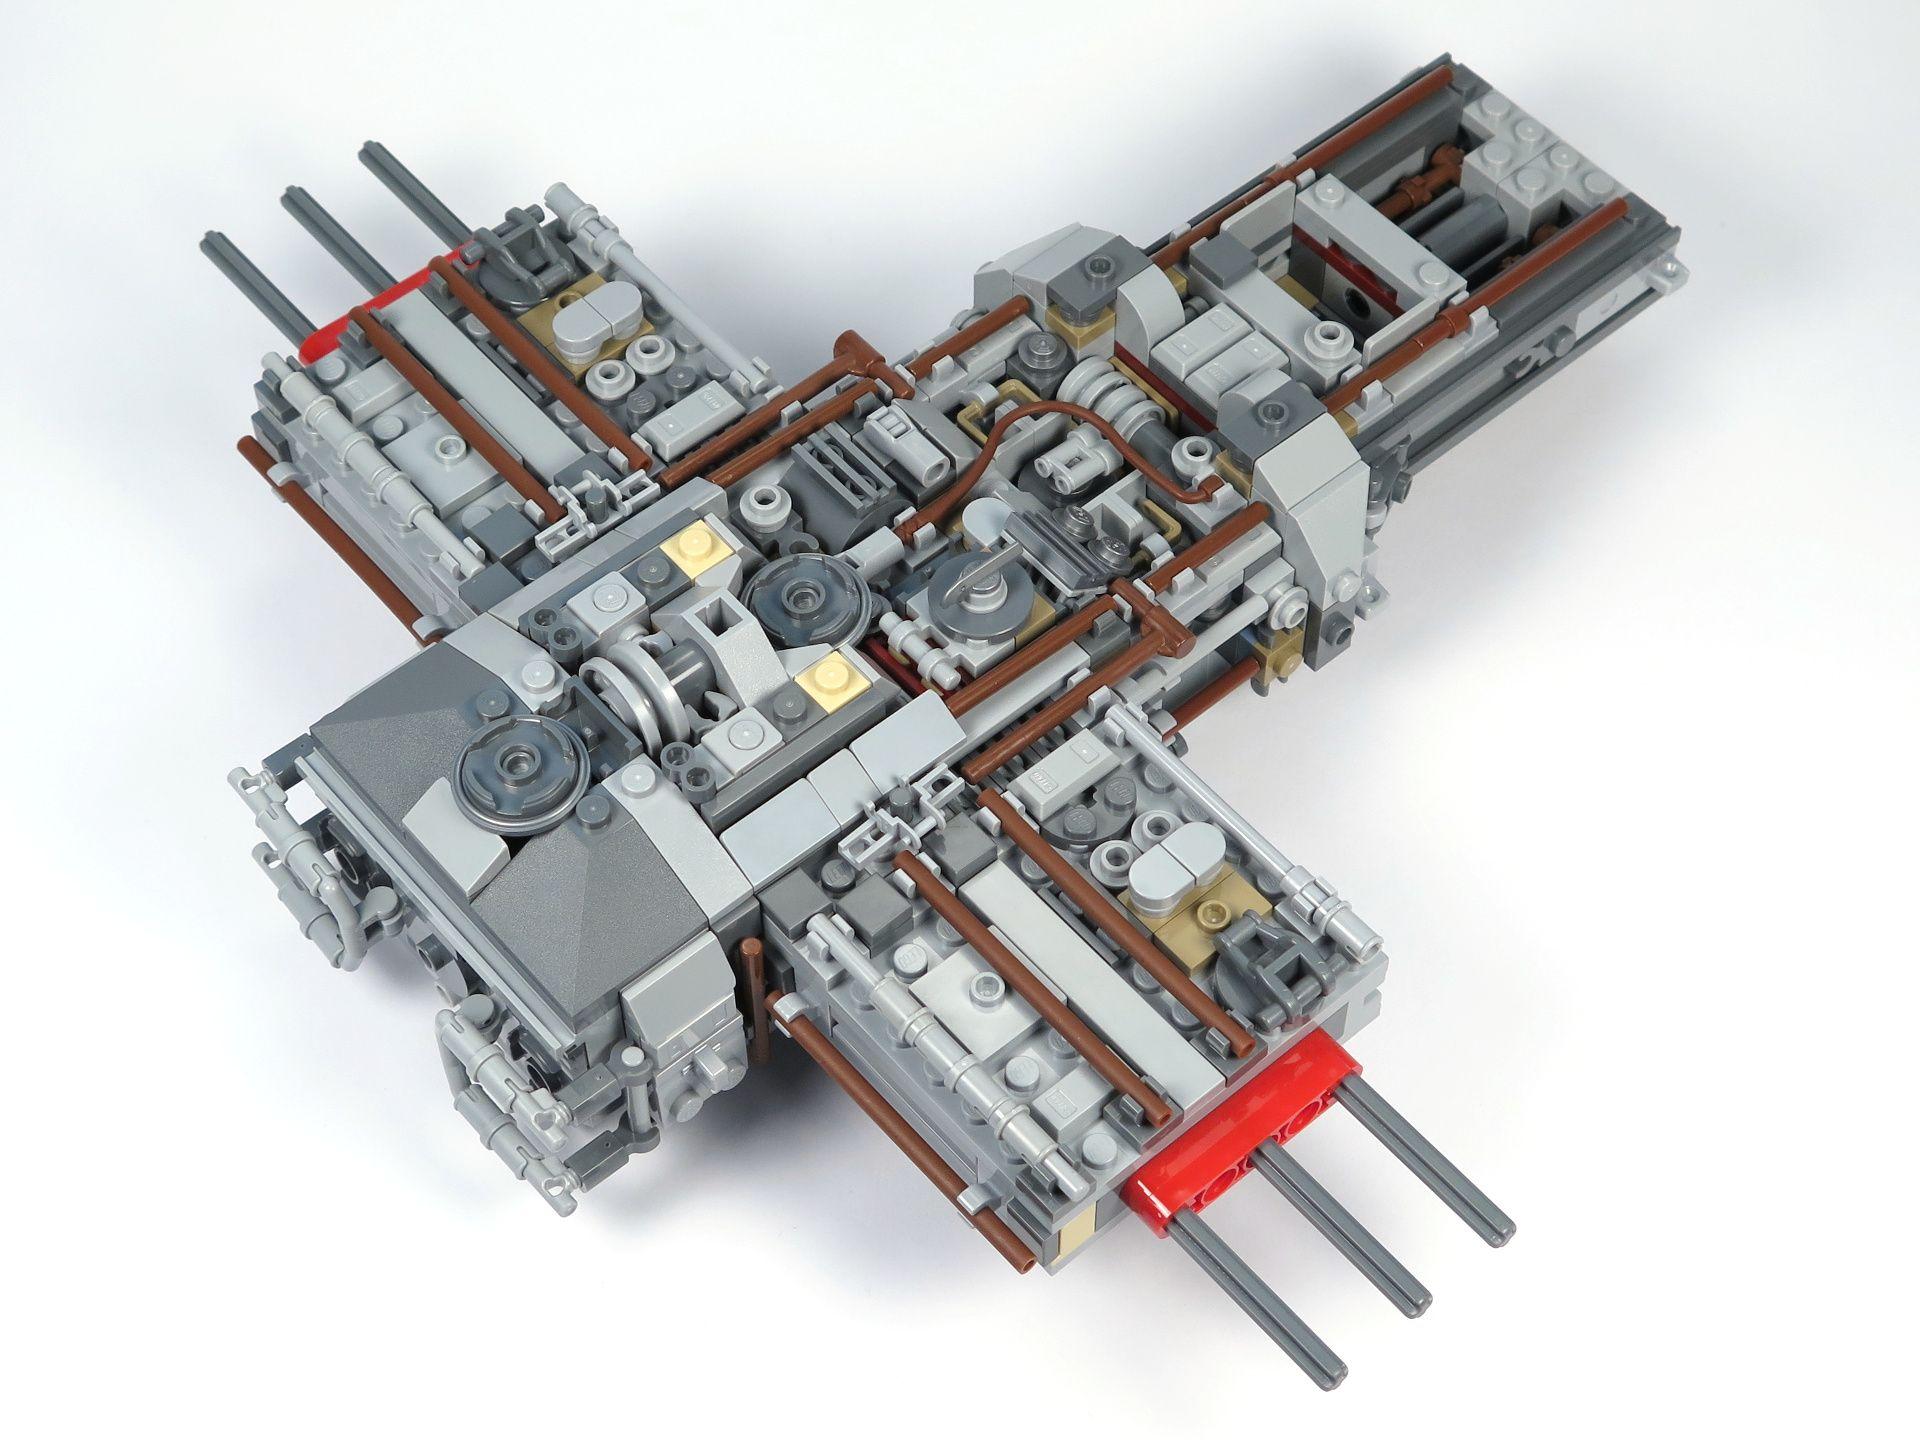 LEGO® Star Wars™ UCS Y-Wing Starfighter - Bauabschnitt 2 - Hinten | ©2018 Brickzeit